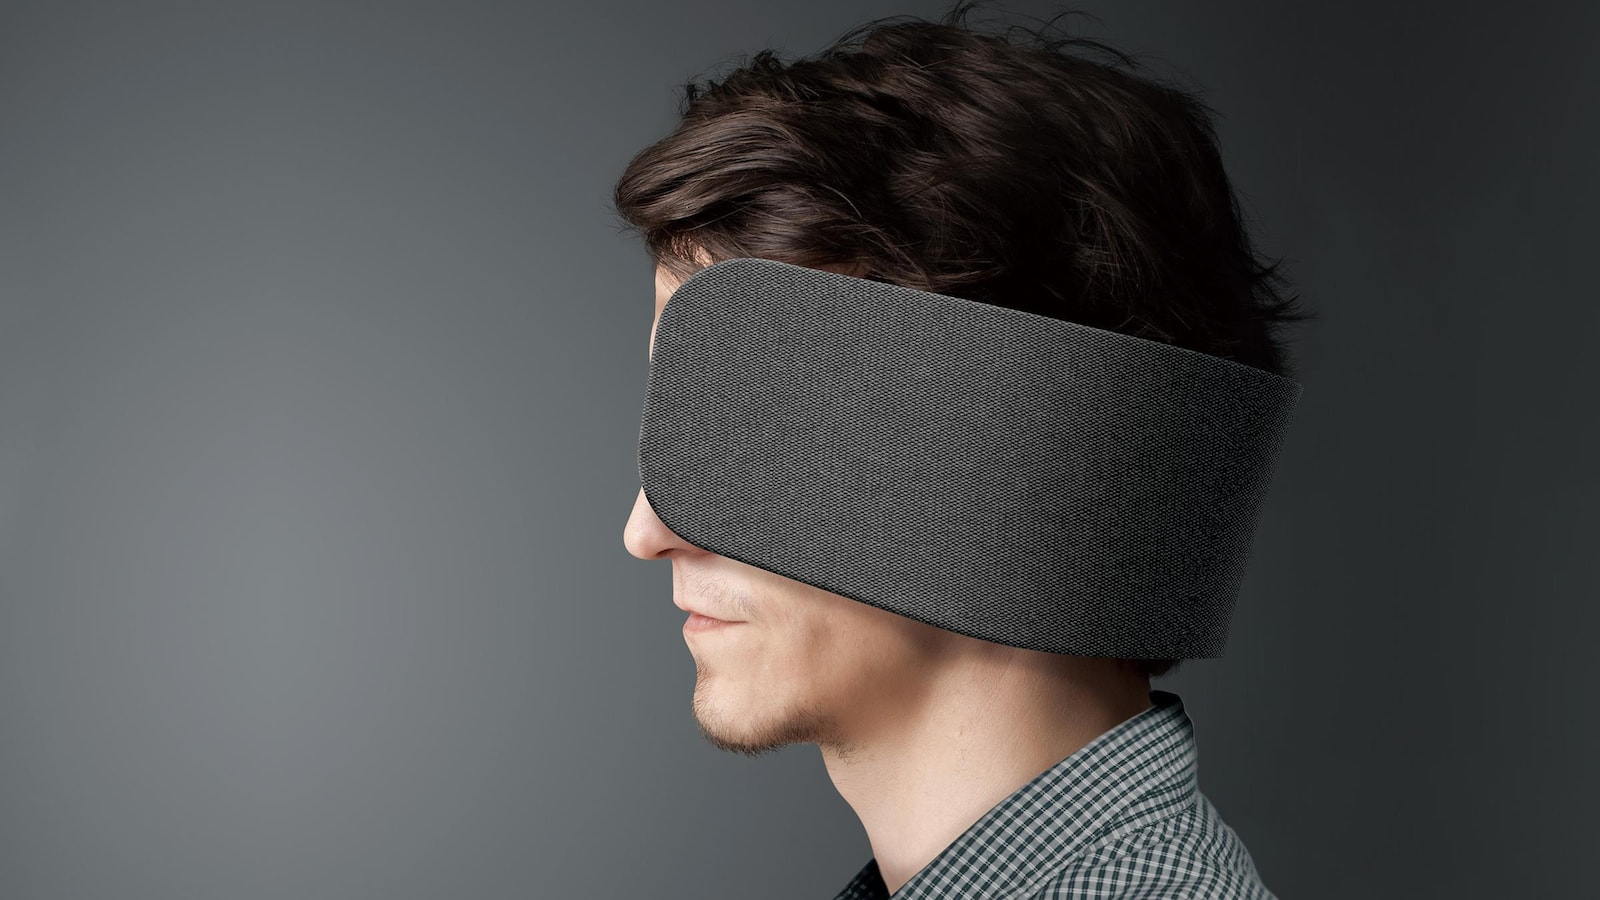 Une photo montrant un homme qui porte les écouteurs Wear Space, qui ressemblent à de grosses œillères.